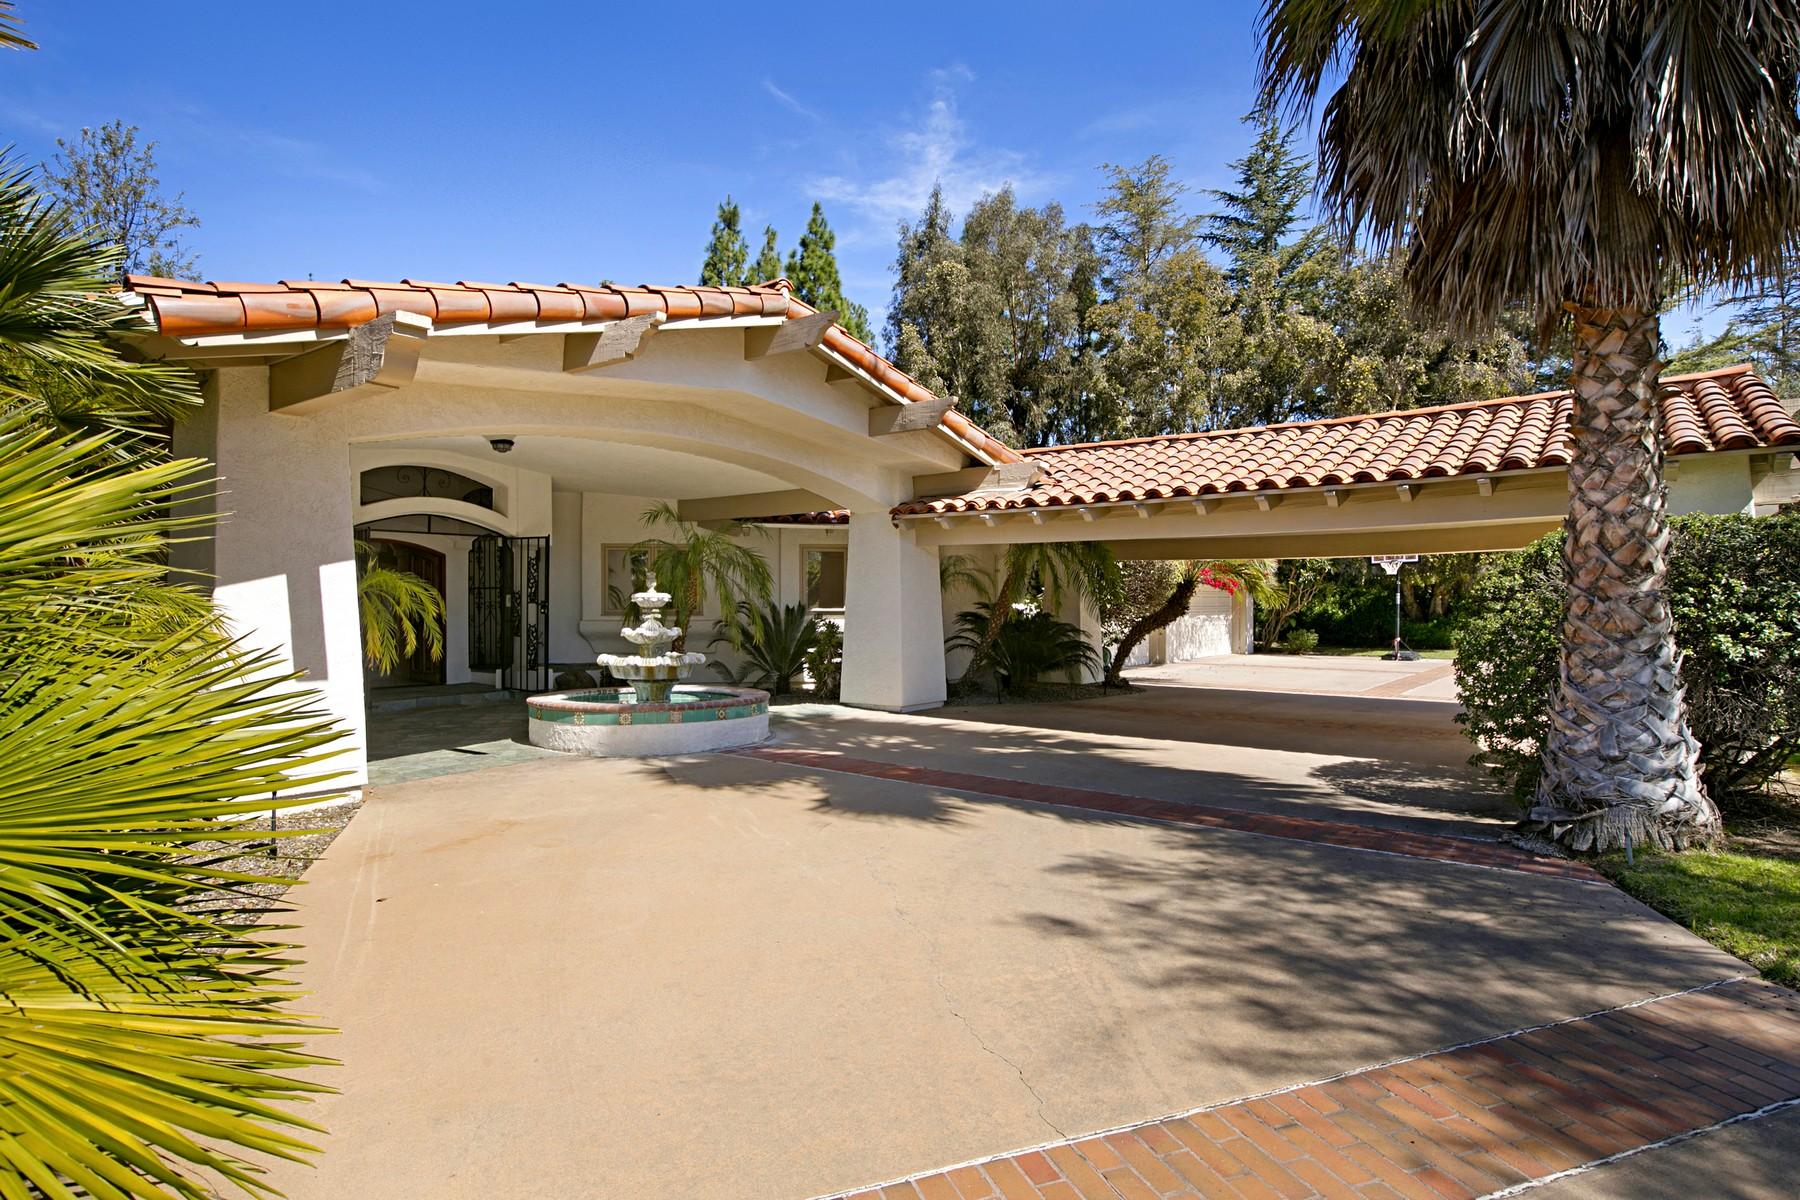 Maison unifamiliale pour l Vente à 18714 Bernardo Trails San Diego, Californie, 92128 États-Unis